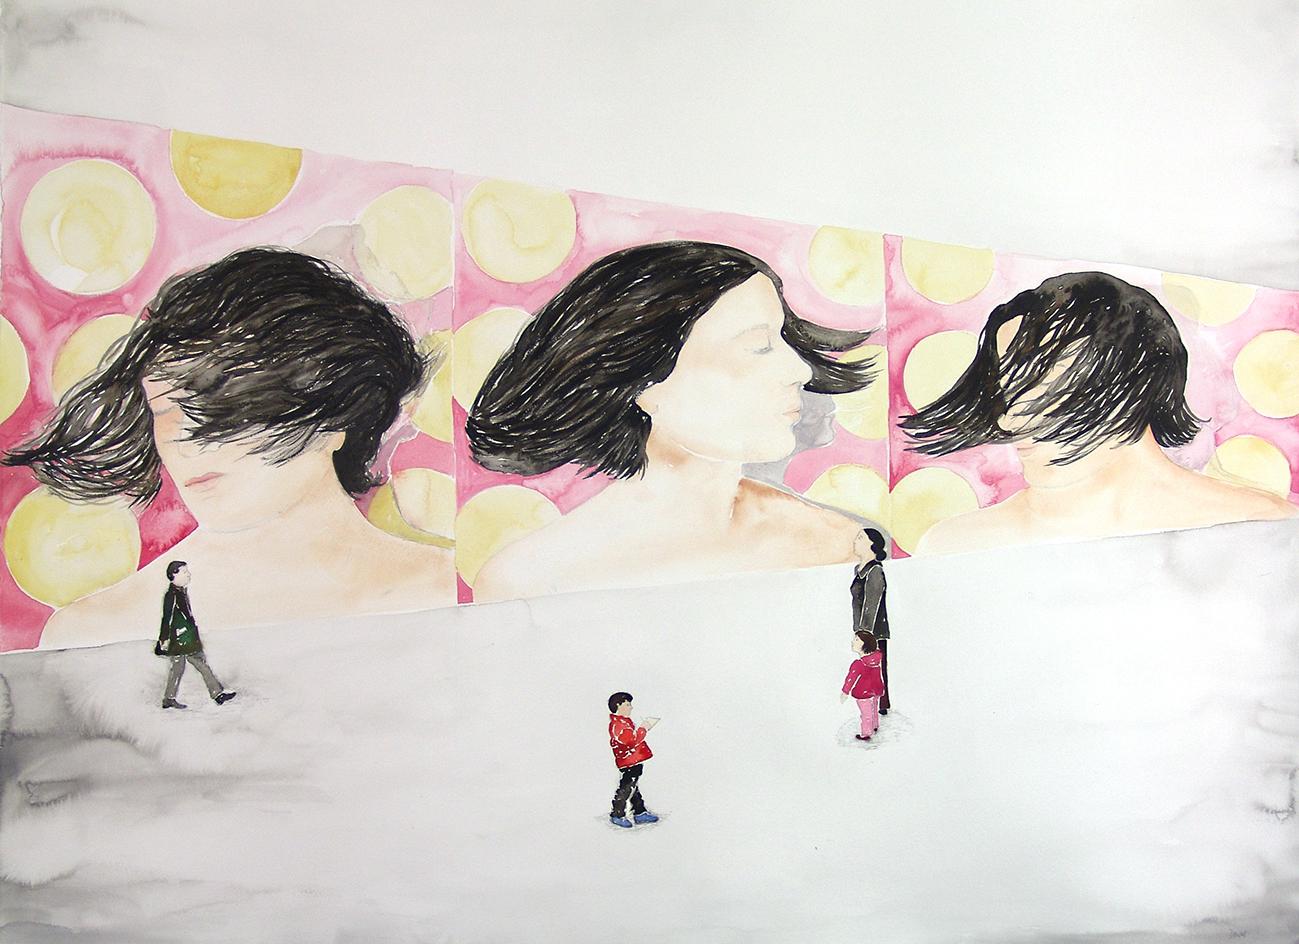 06  Oriana contemplando el video Pájaros en la cabeza de Mónica Dower, acuarela sobre papel, 97 x 120 cm, 2010. .jpg